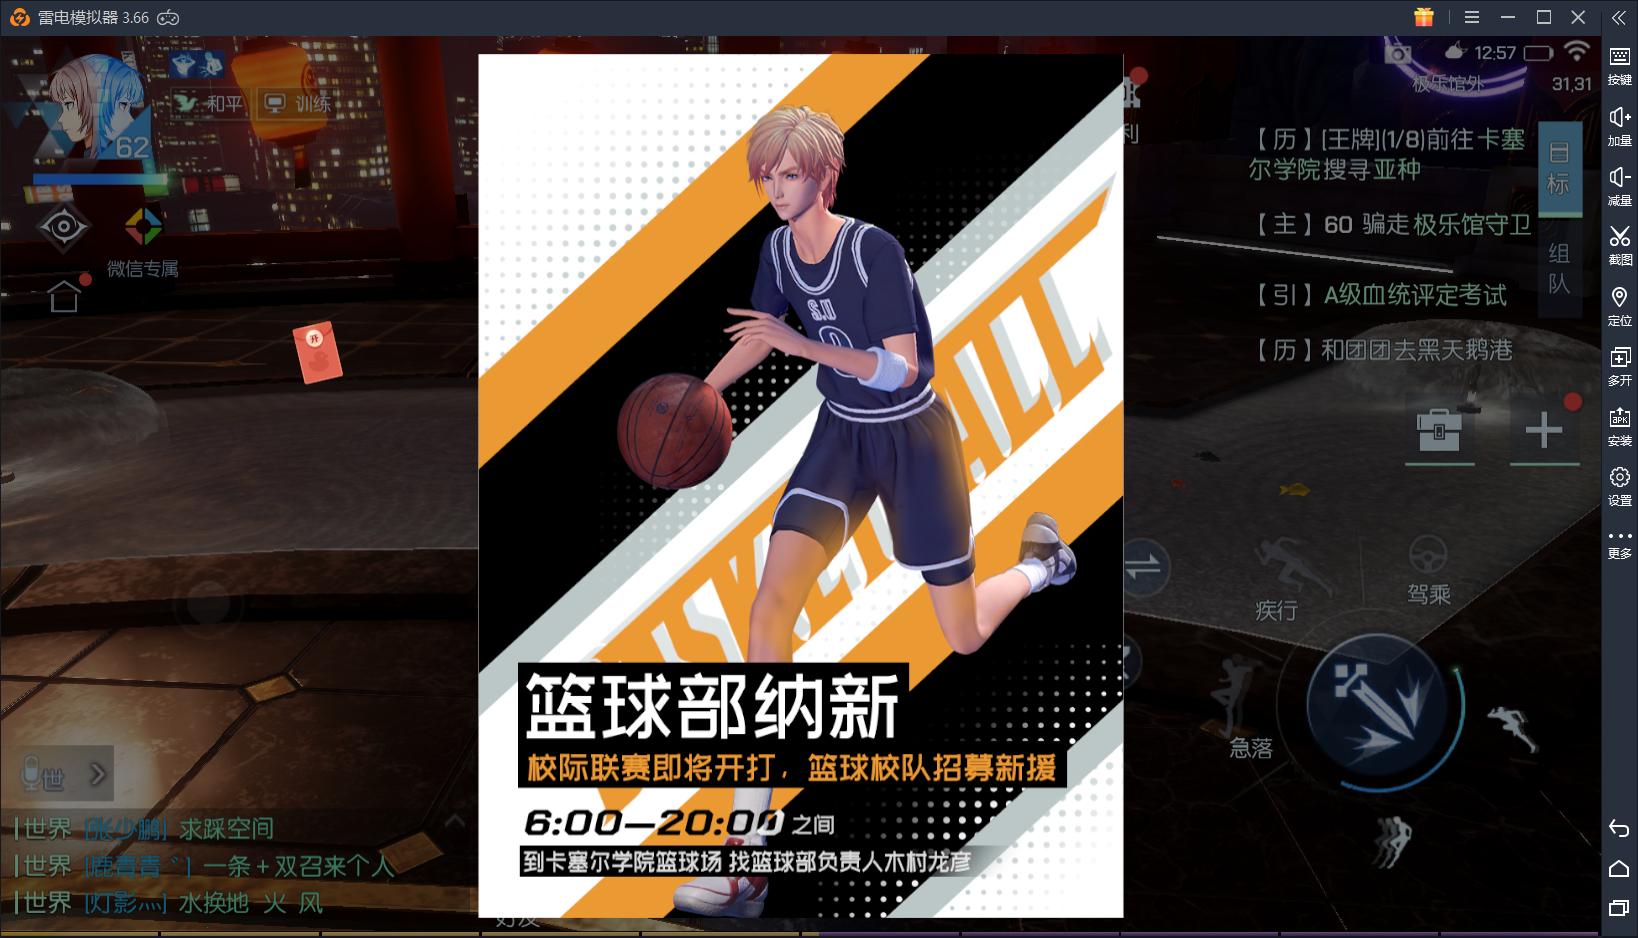 龙族幻想:如何加入篮球部?投篮技巧详解